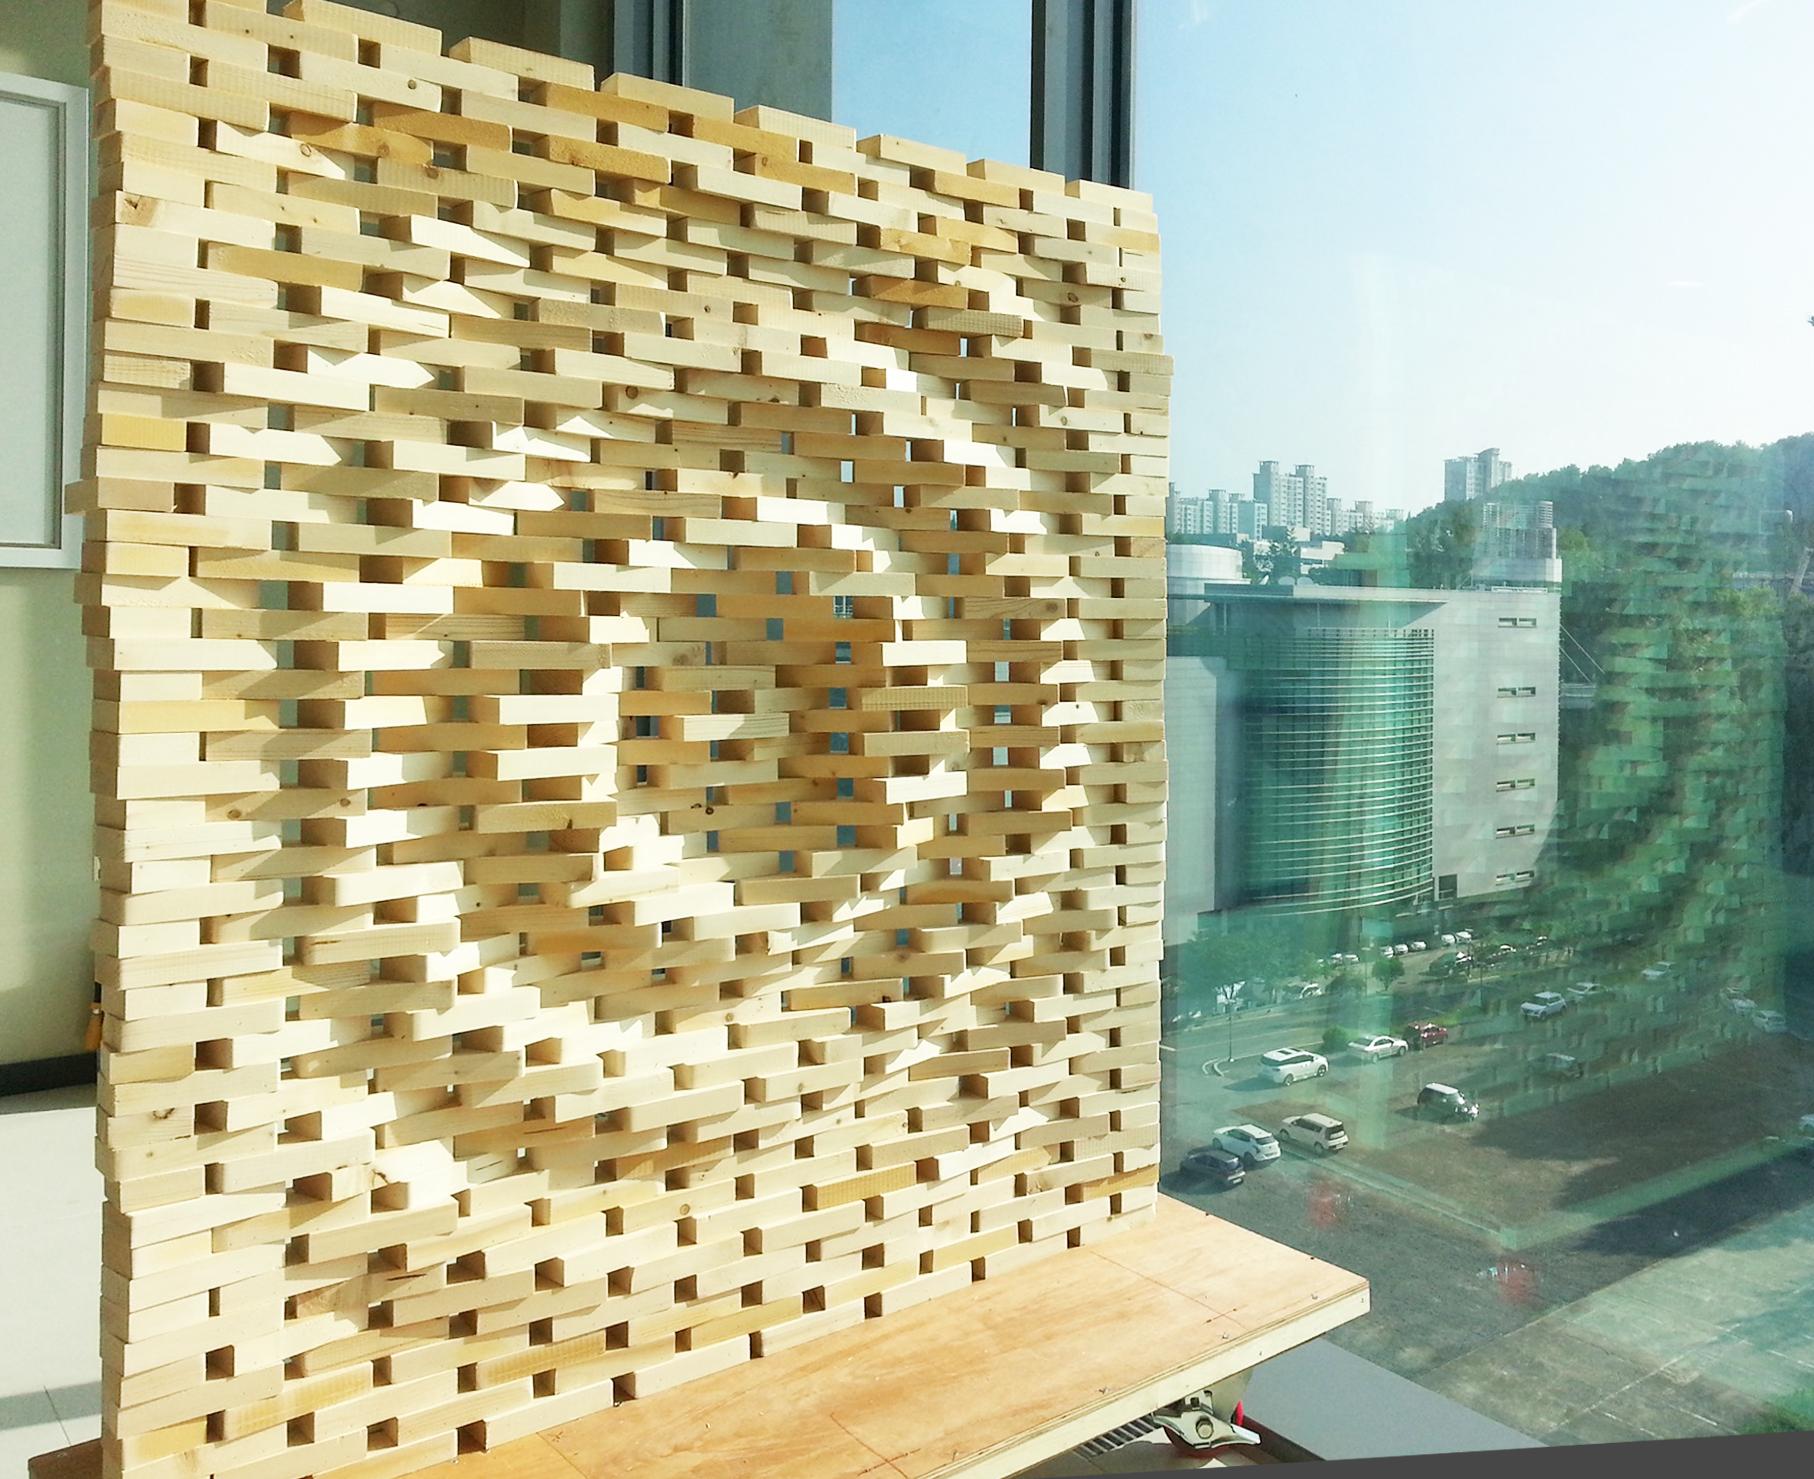 Robotic Wall Design 2